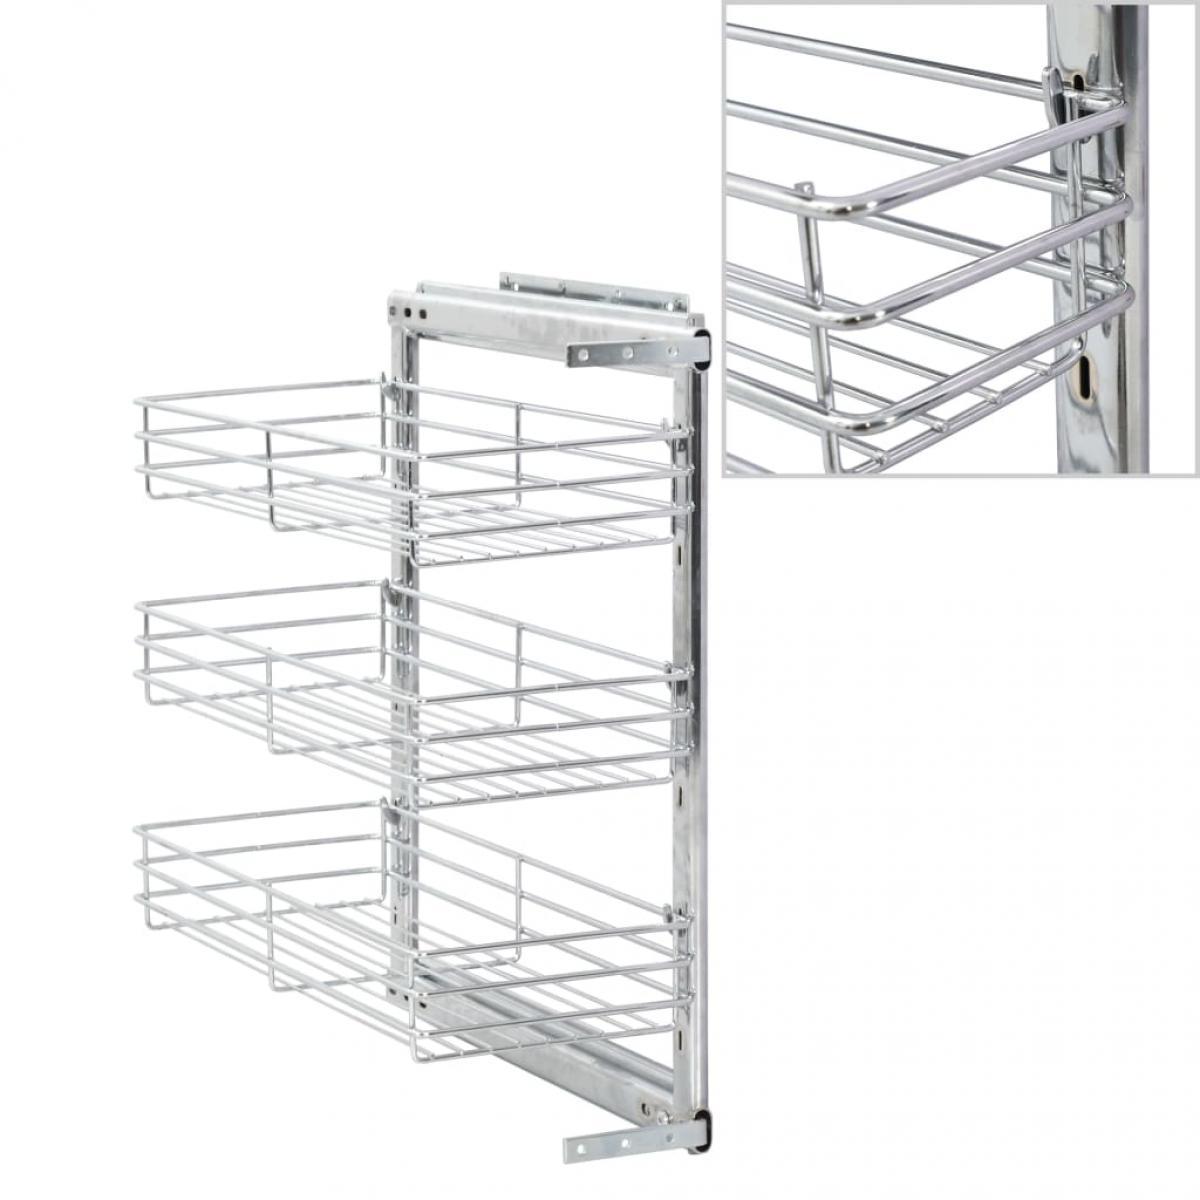 Vidaxl vidaXL Panier à 3 niveaux métallique de cuisine 47x25x56 cm